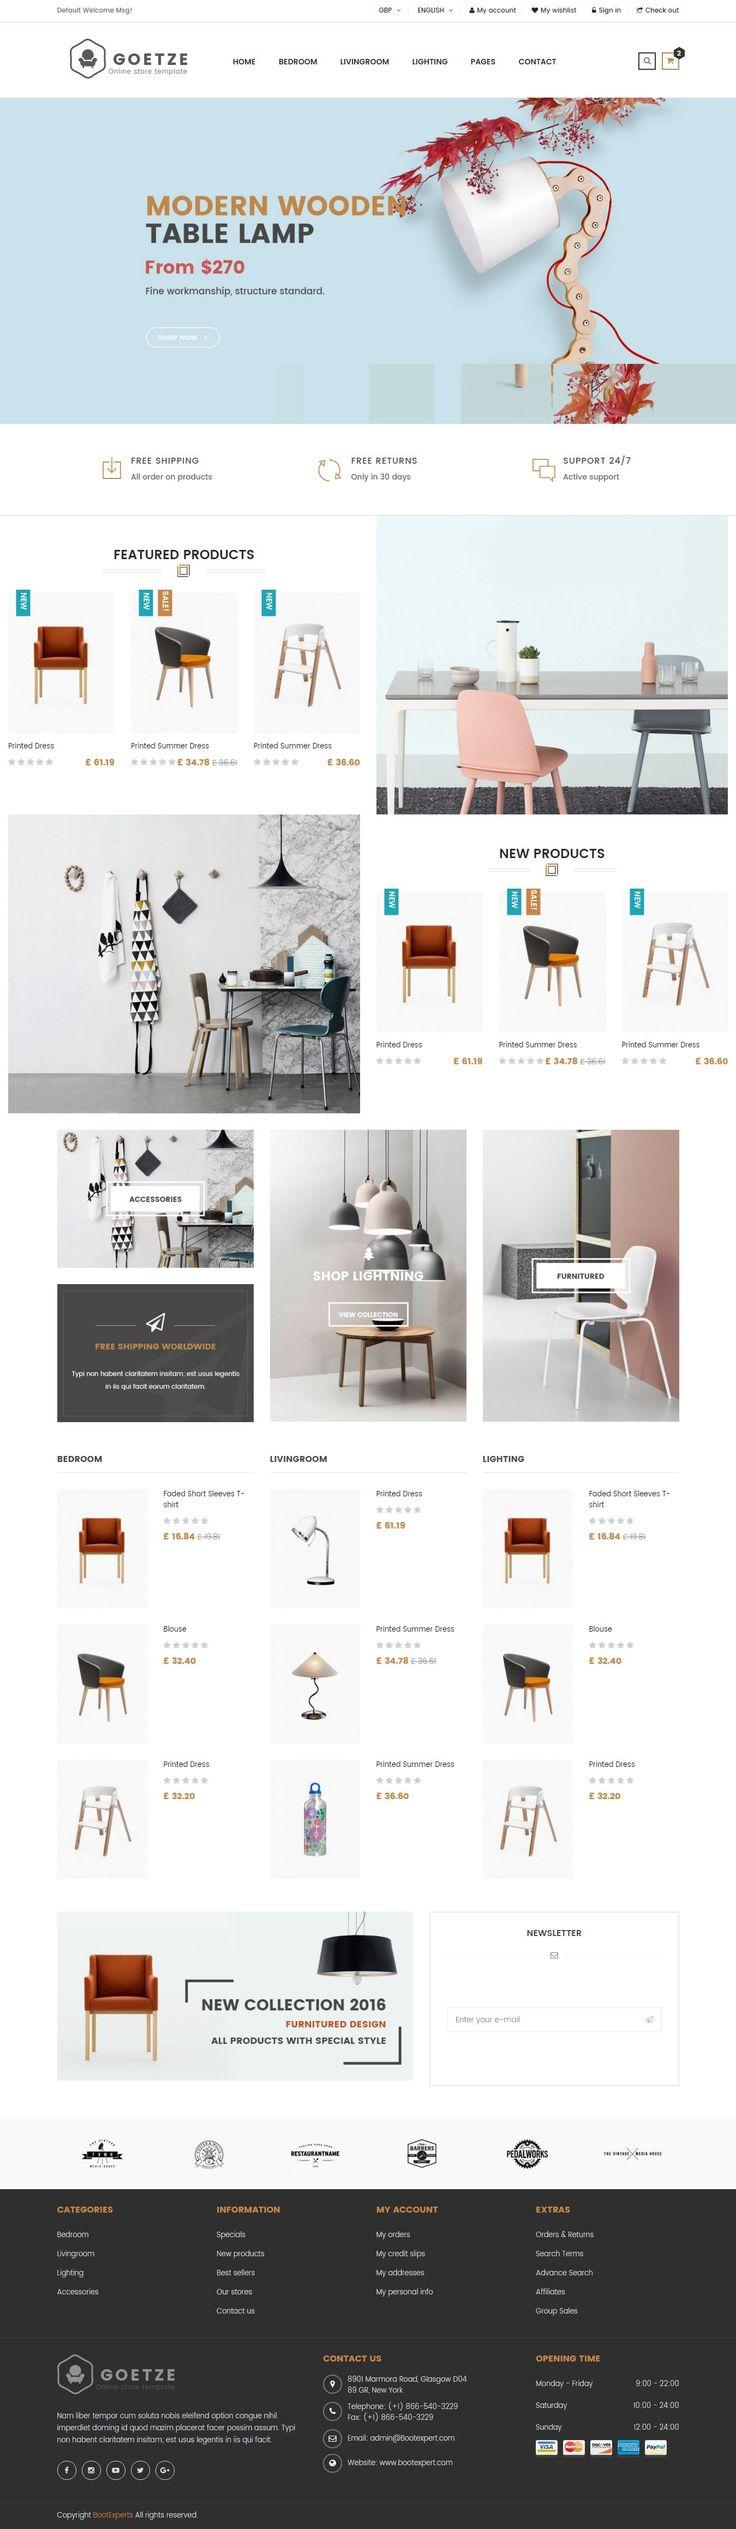 12 best E-commerce webdesign inspiration images on Pinterest ...